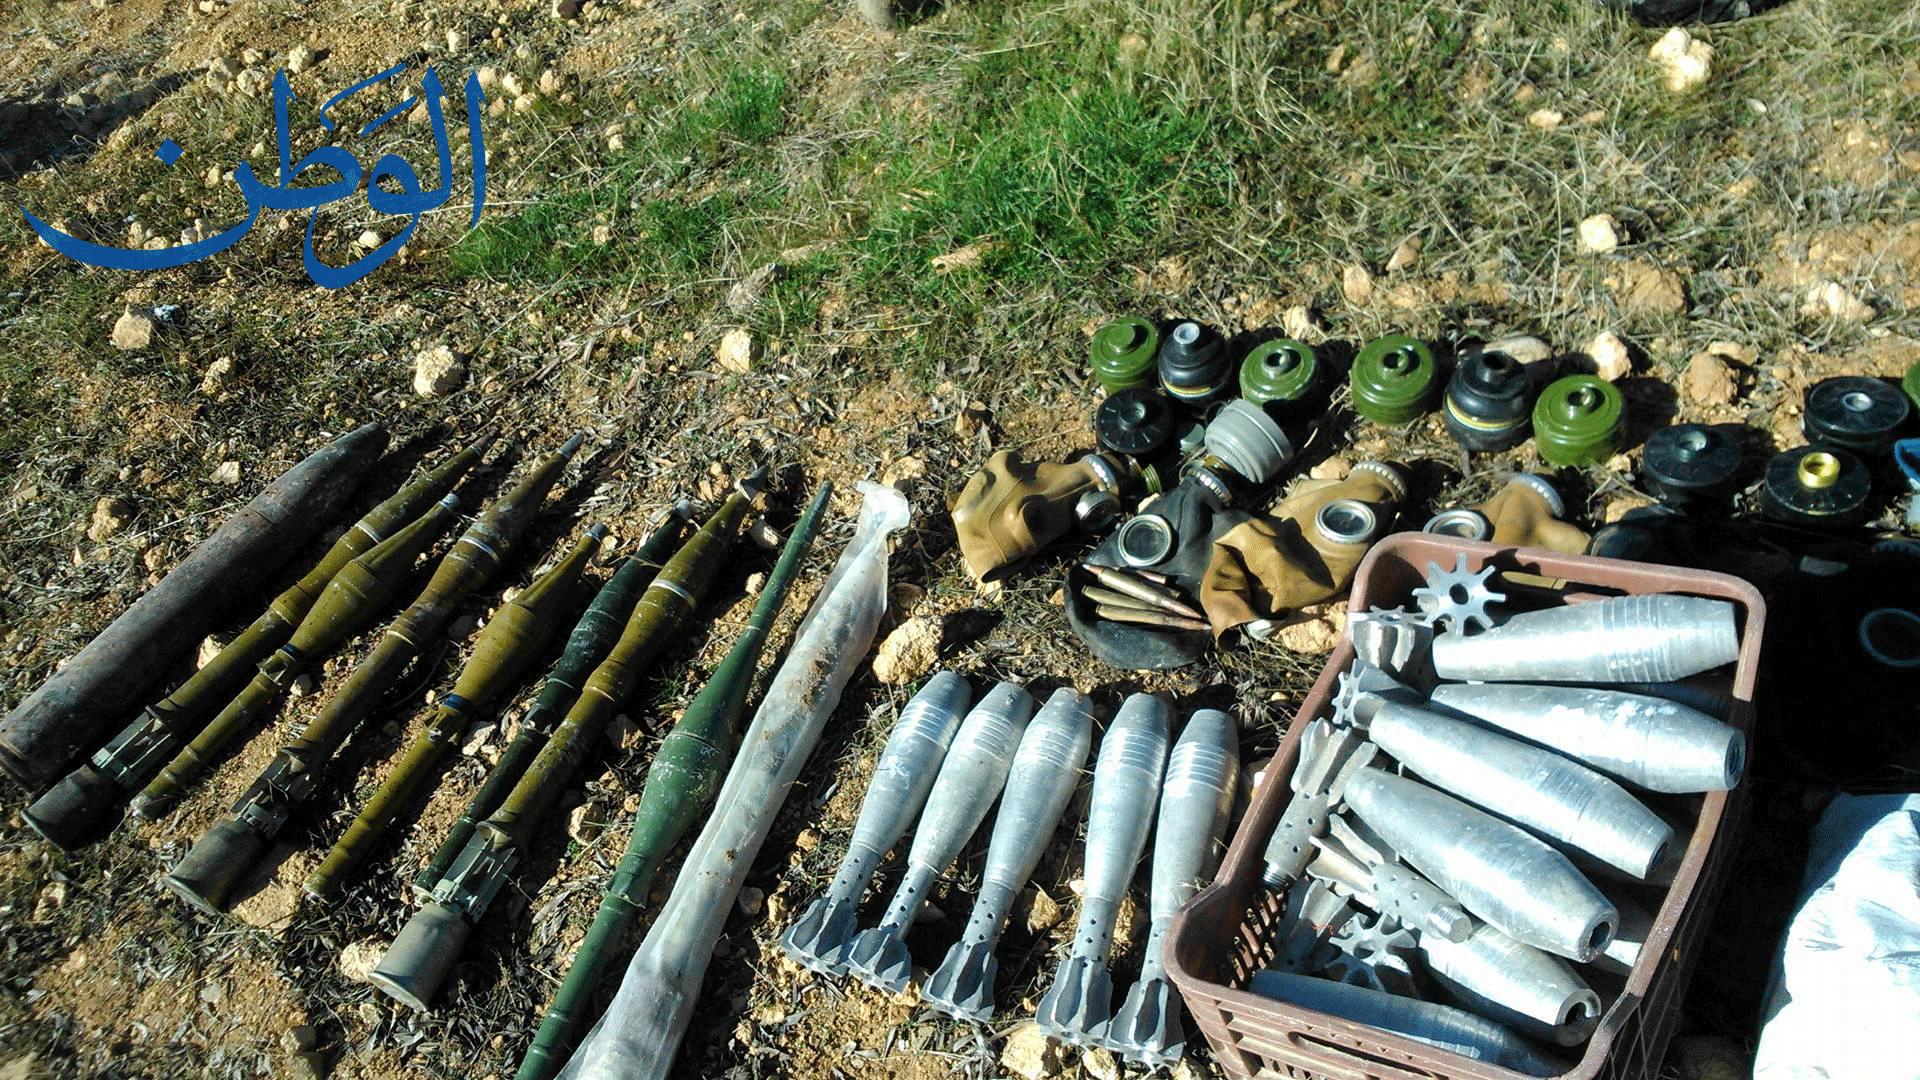 صورة بالصور .. أسلحة وذخائر سلمها مسلحون للجيش السوري في دير قانون بريف دمشق